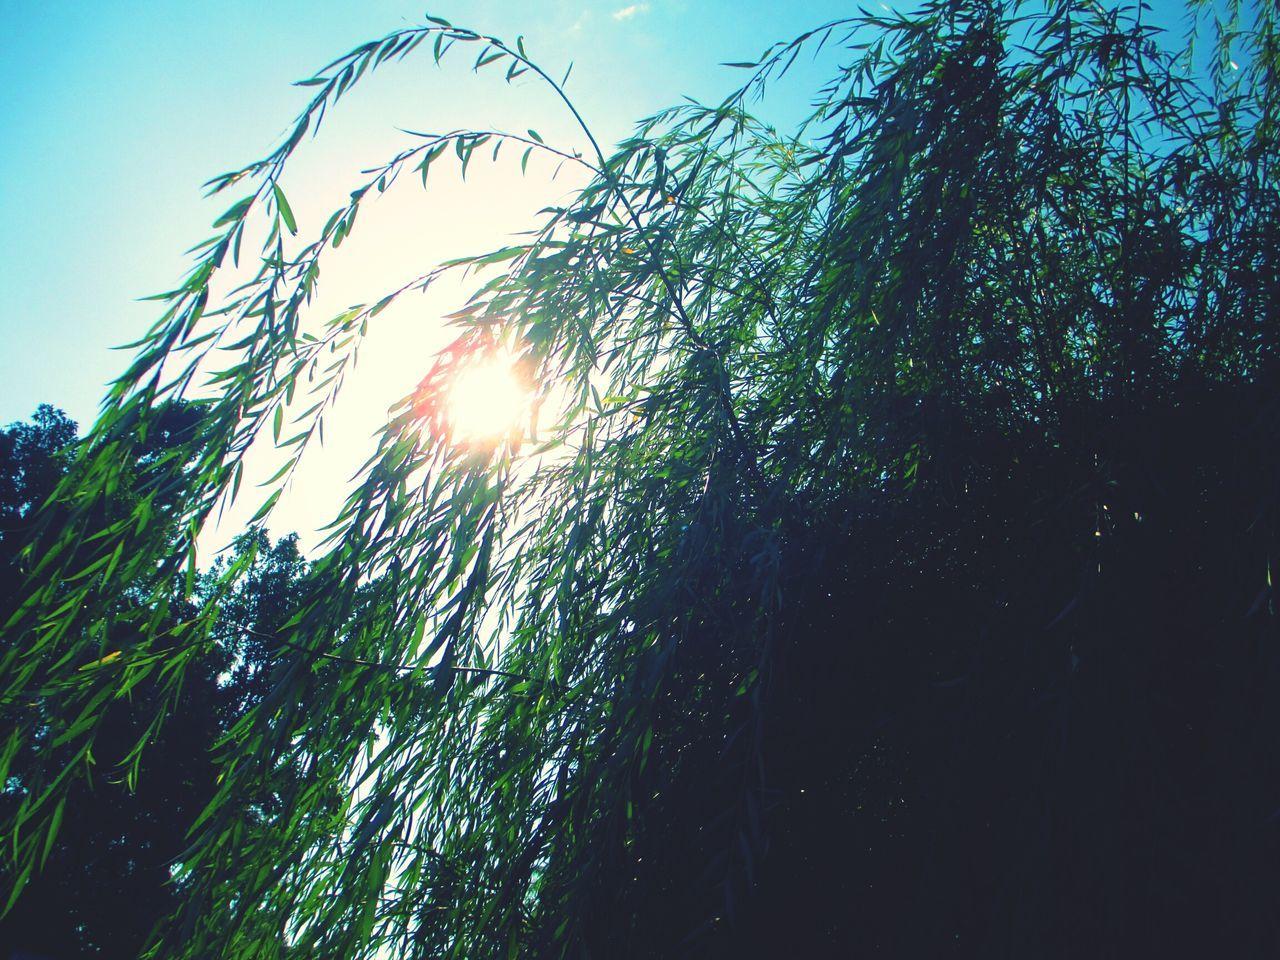 Novorossiysk новороссийск2016 нежность рассвета Tree Nature Природа рассвет Рассвет🌇🌄 Beautiful Beautiful Nature Beauty In Nature Beautiful Day Green Color Day Morning утро ива